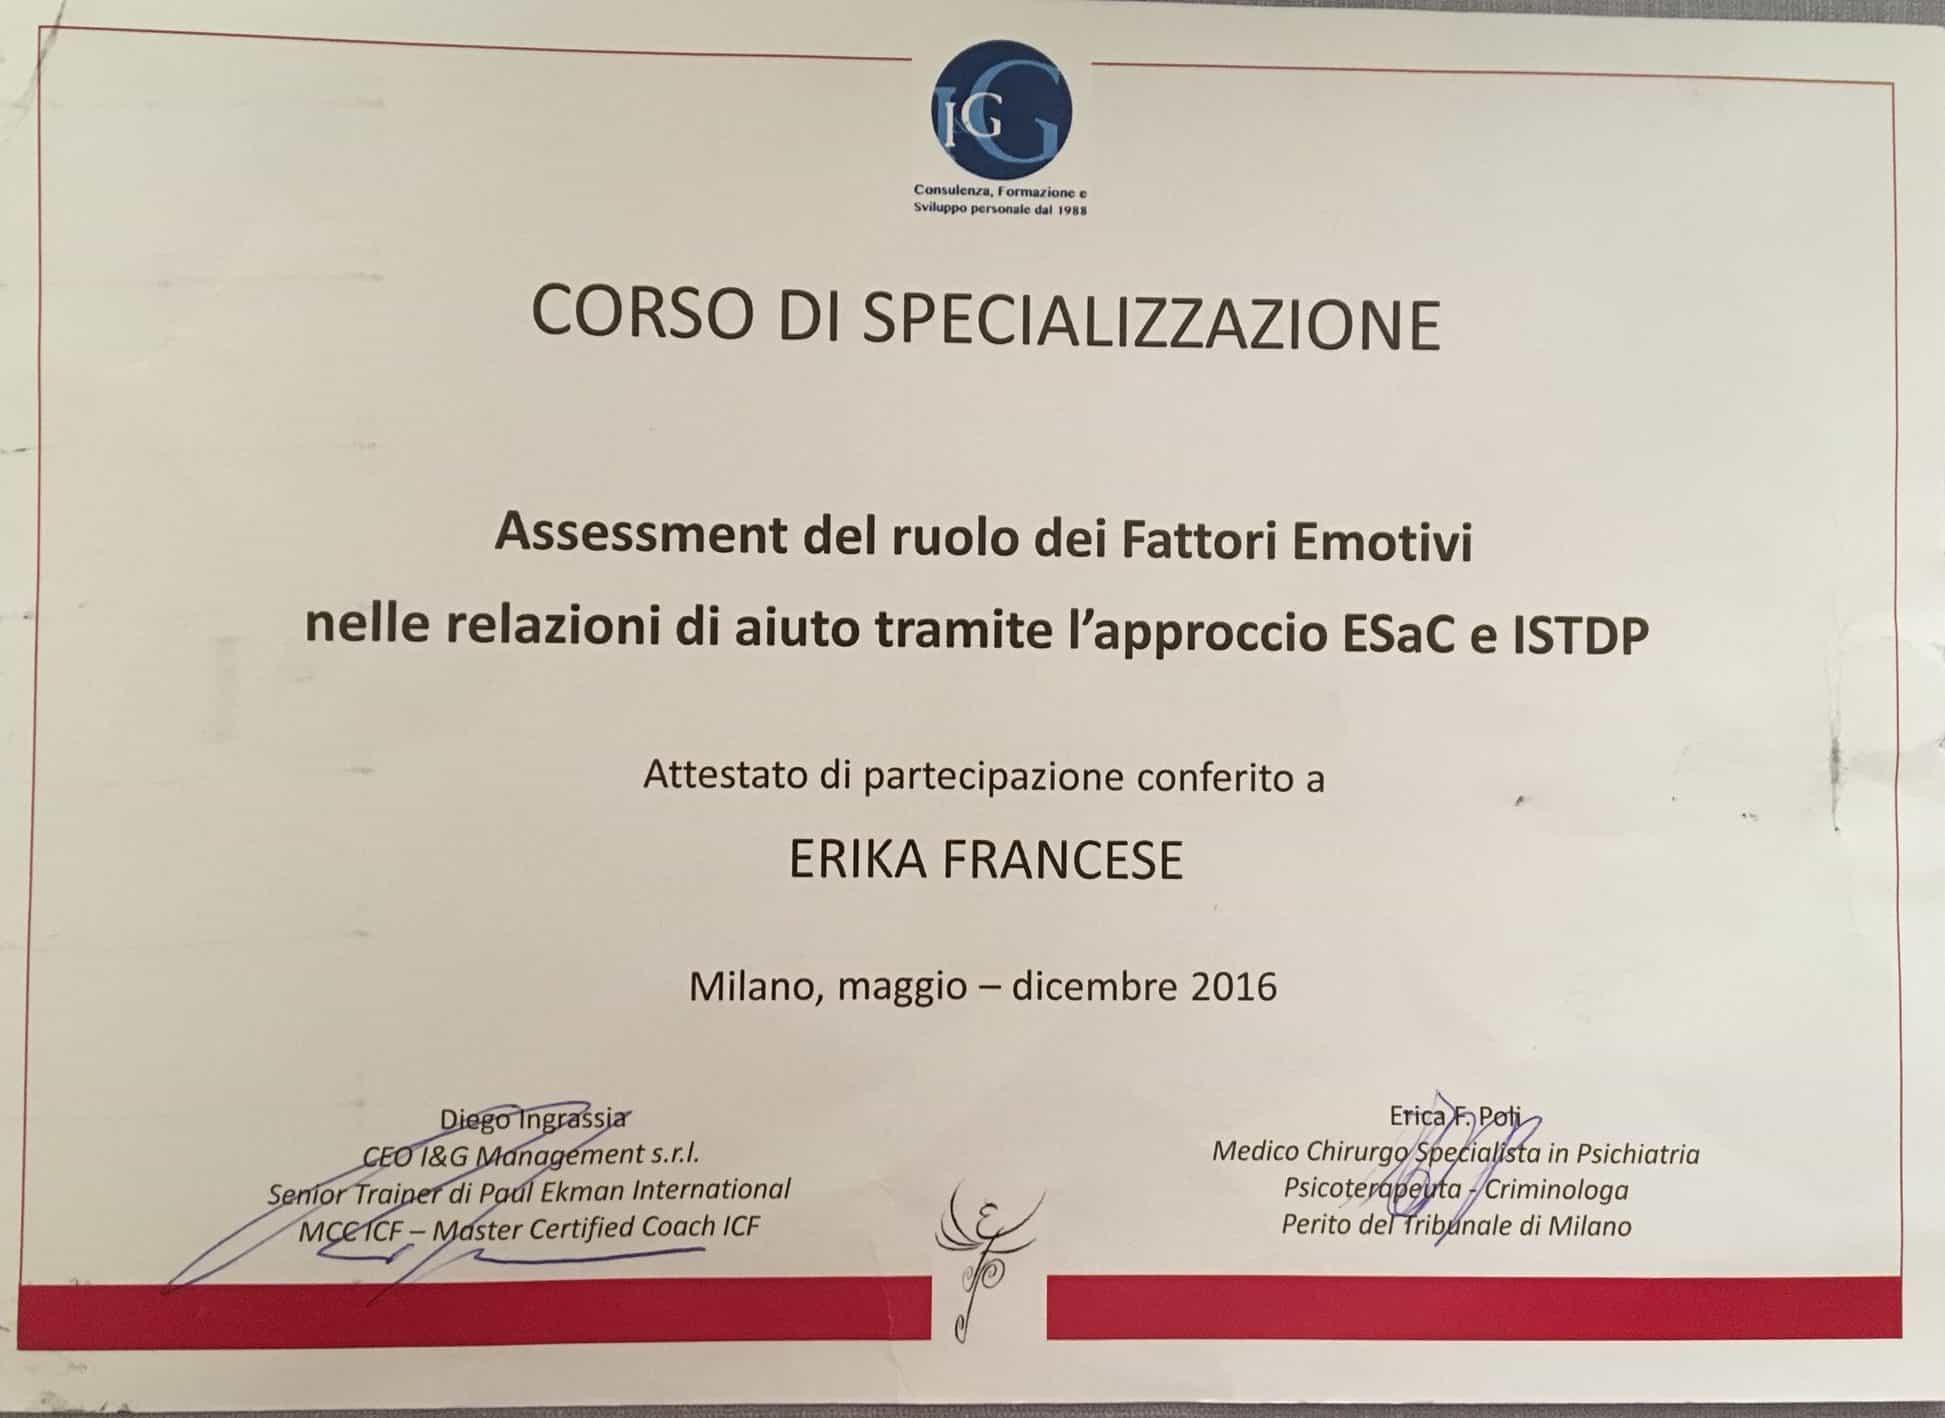 """Attestato corso di specializzazione """"Assessement del ruolo dei Fattori Emotivi nelle relazioni di aiuto tramite approccio ESaC ISTDP"""